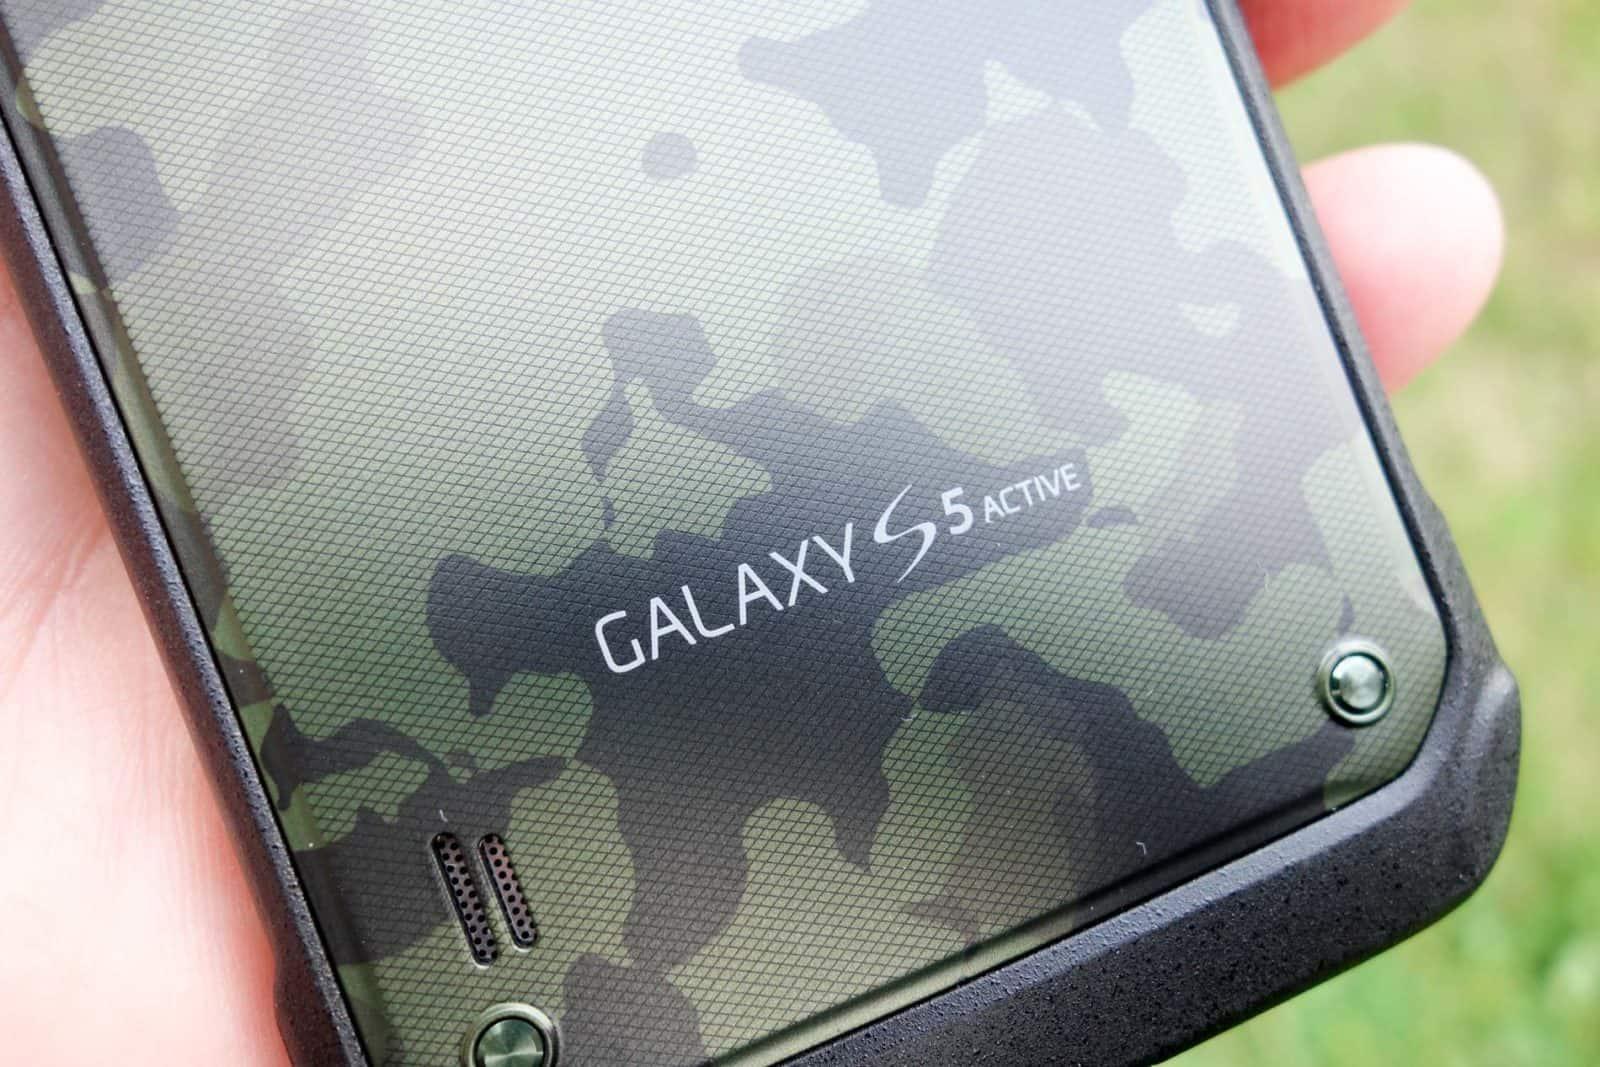 Samsung-Galaxy-S5-Active-AH-37